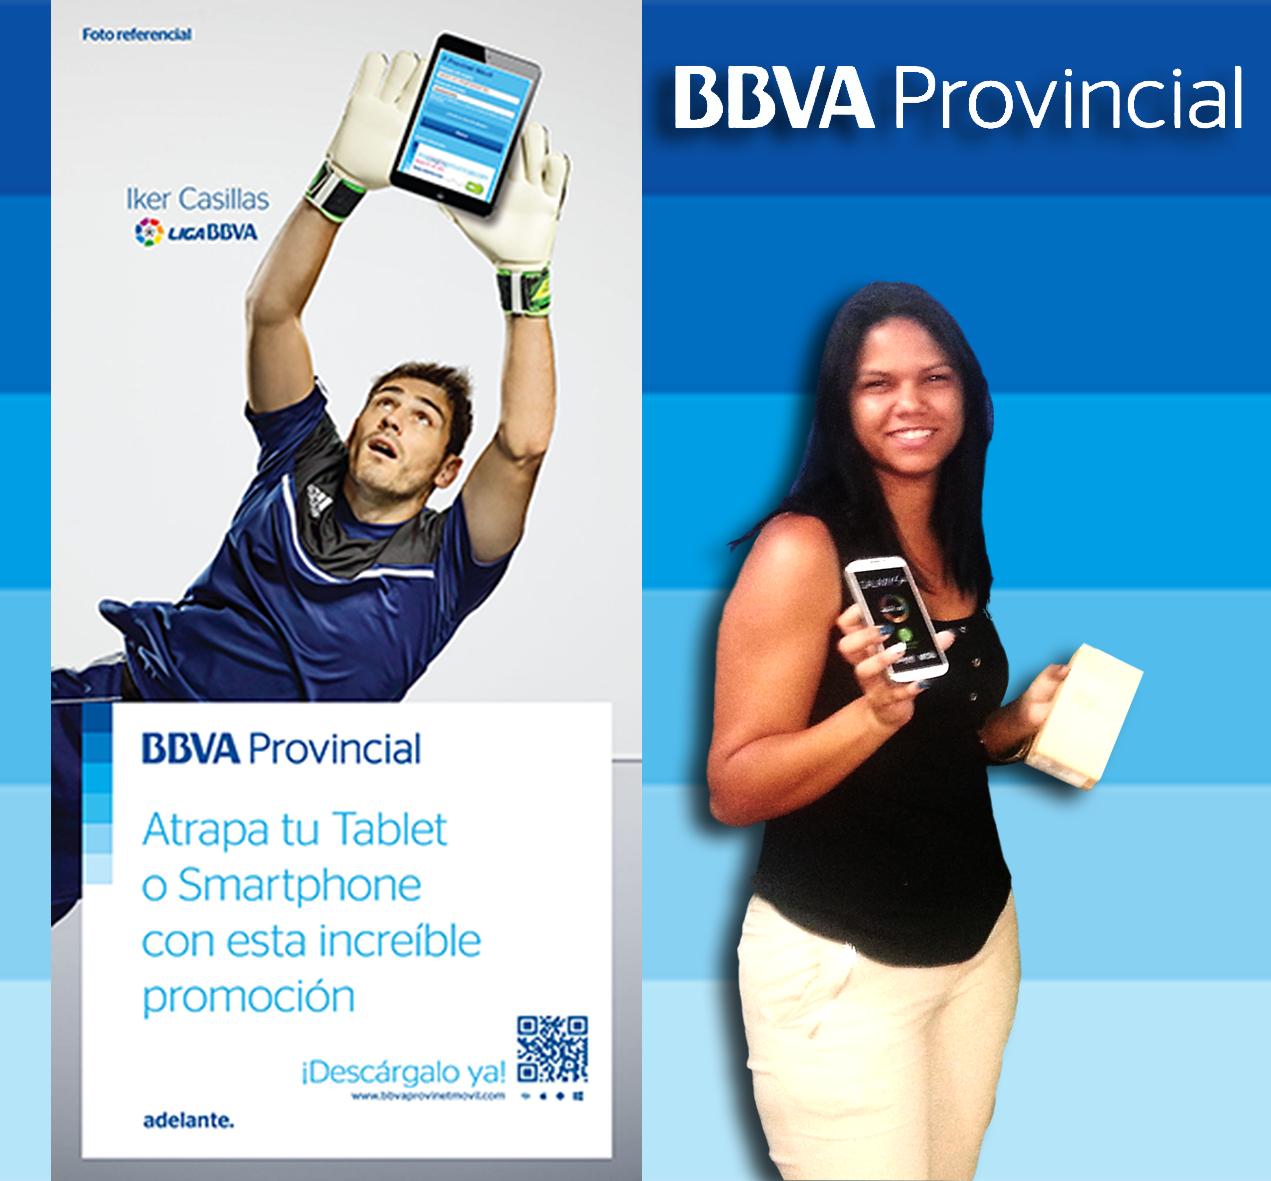 BBVA Provincial, Provinet, Promocion, Tablet, Smartphone, Ganadores